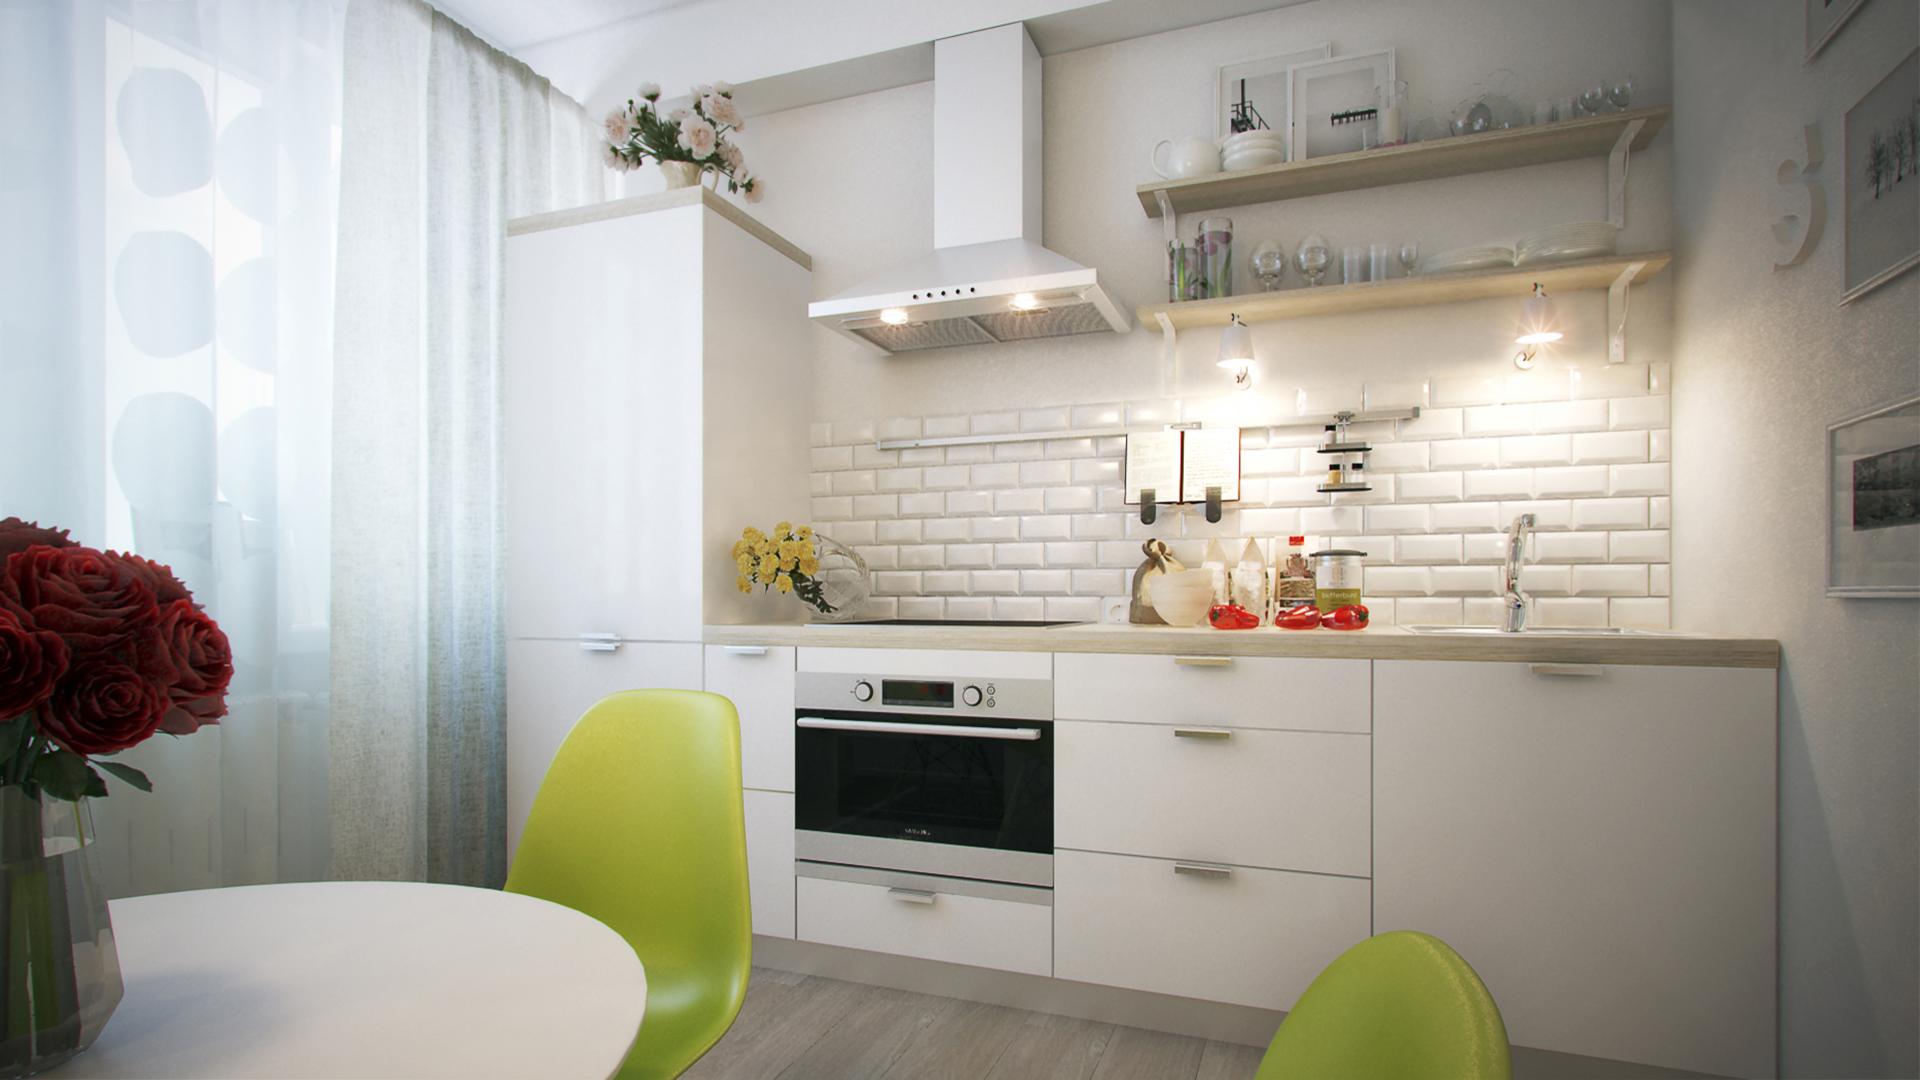 Угловые кухни без верхних шкафов дизайн